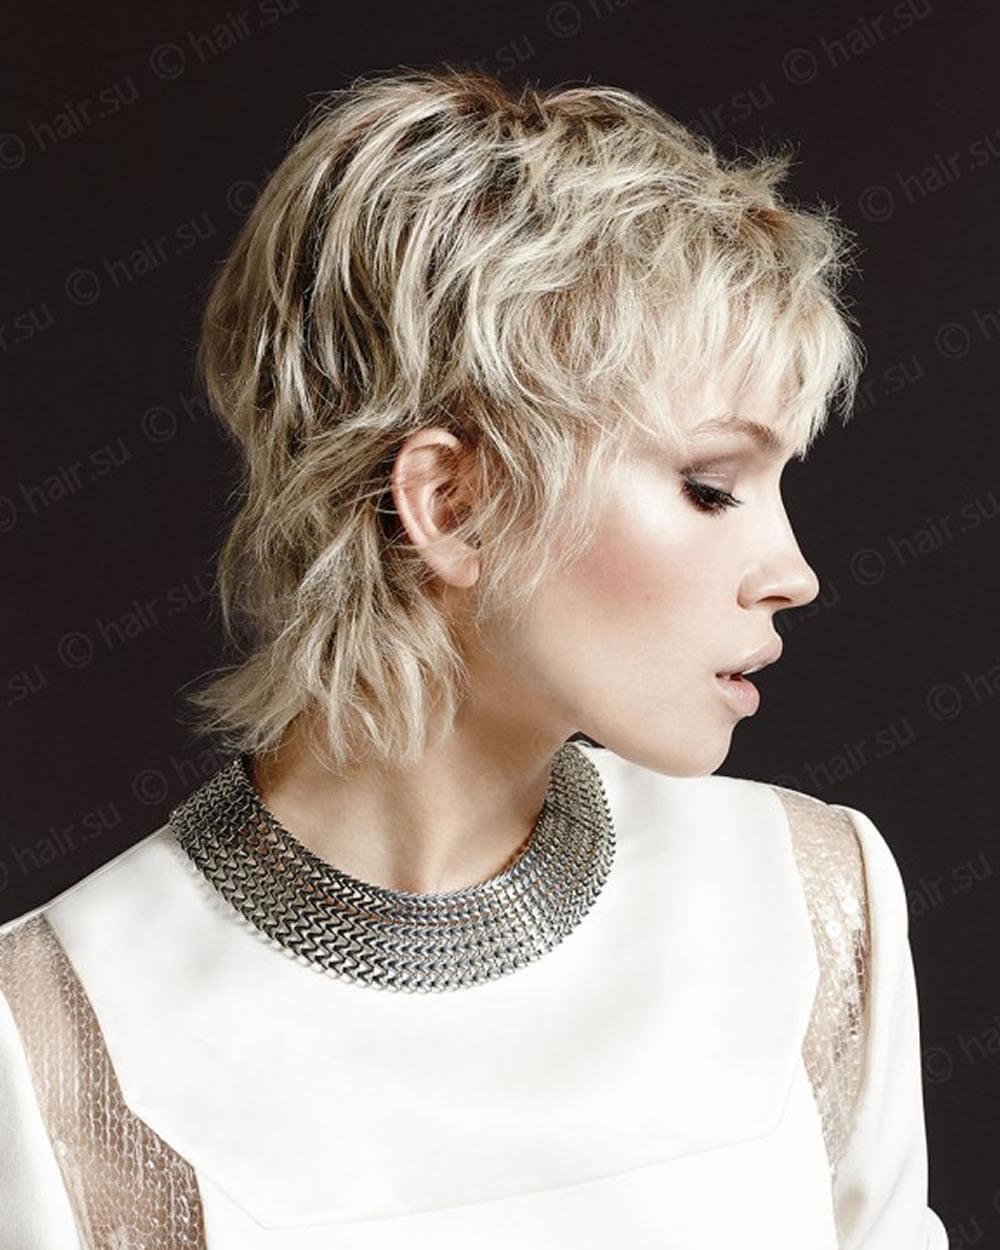 Short Haircuts for Thick Hair  25 Short Hair Style Ideas